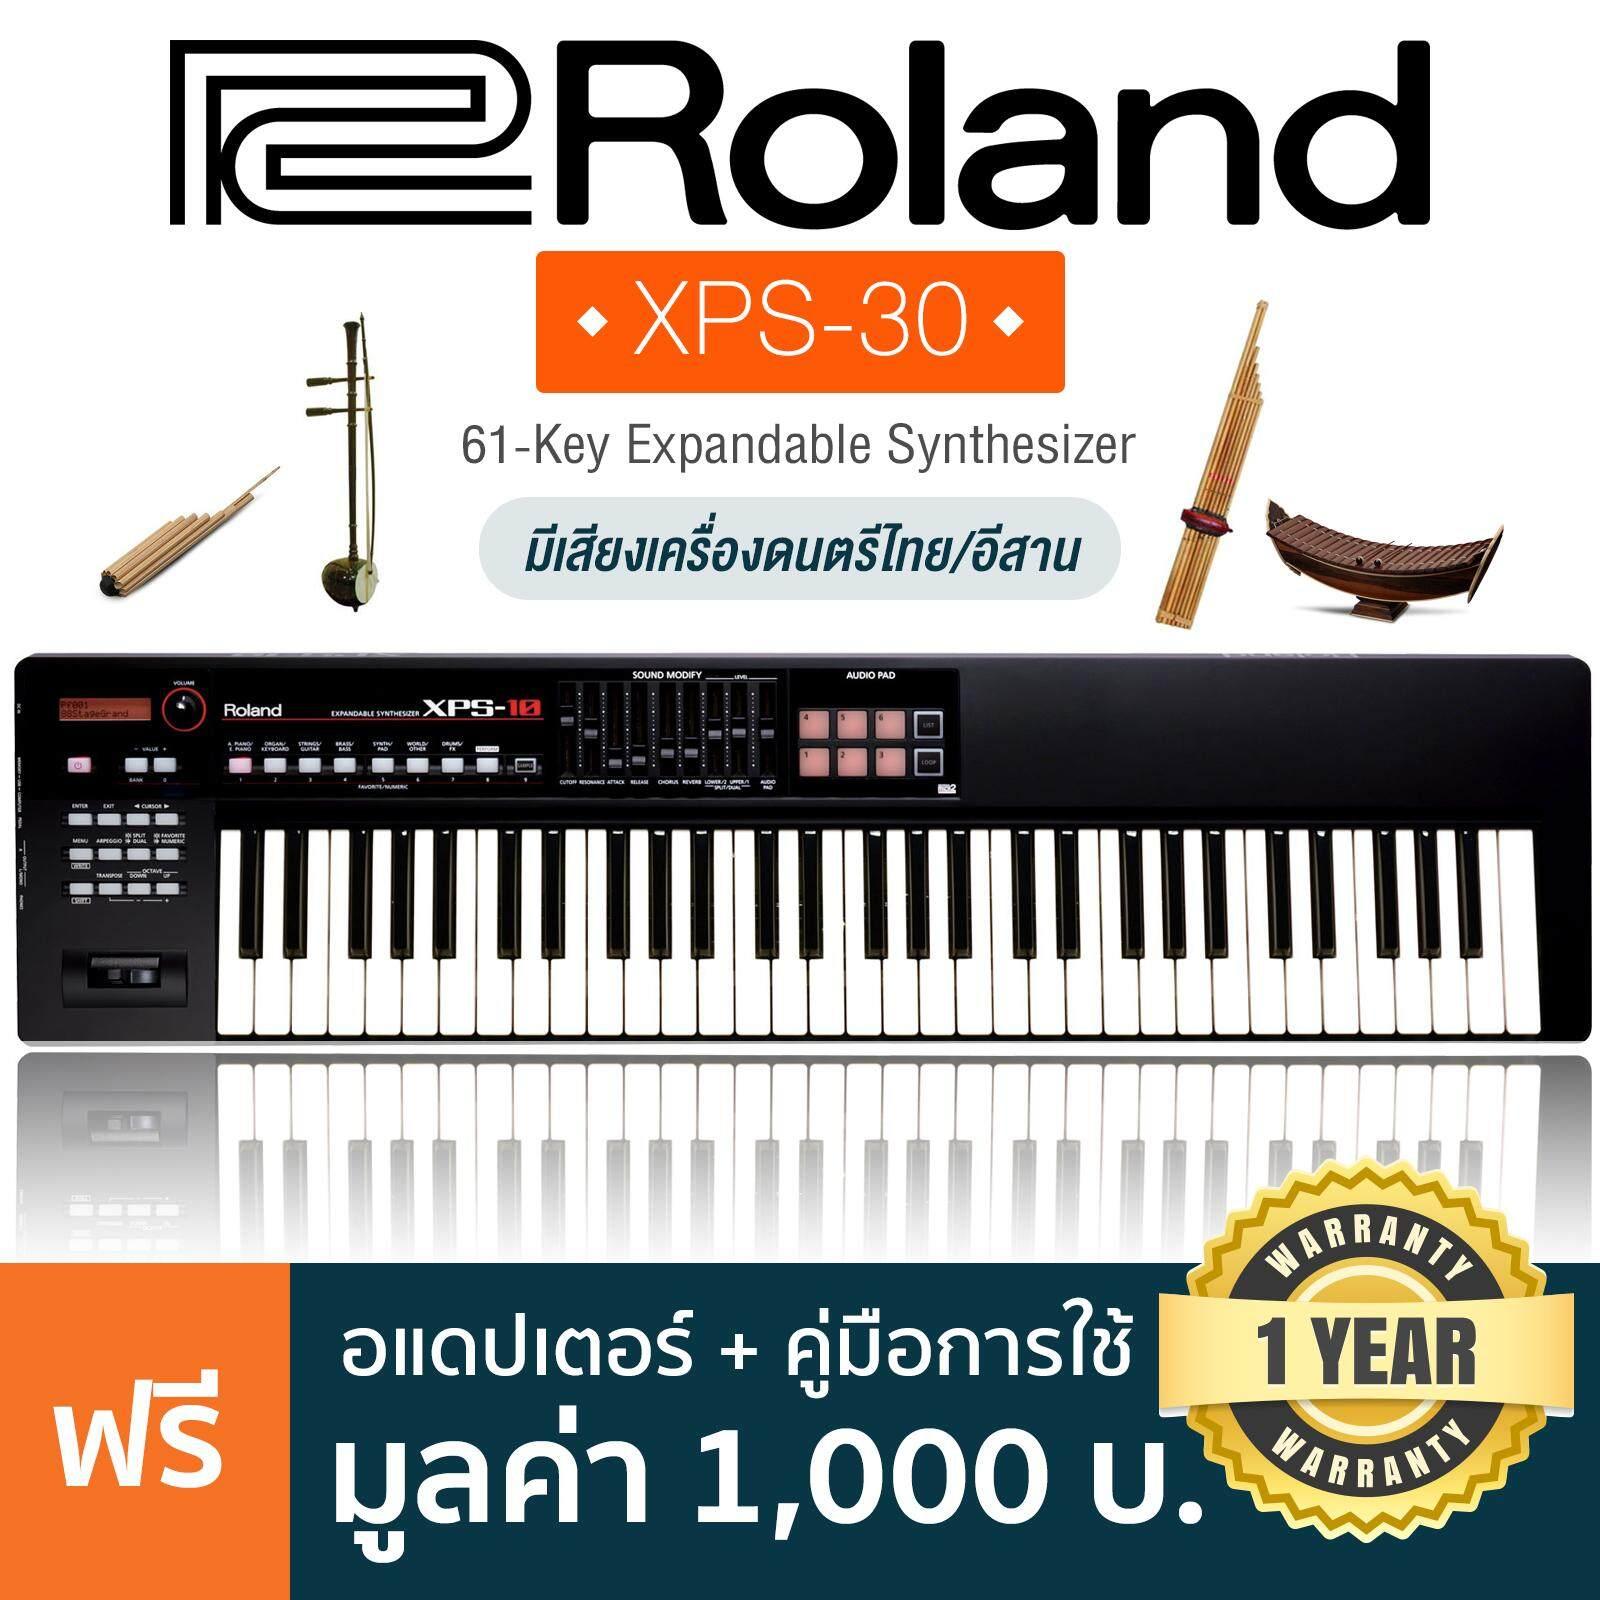 Roland® XPS-10 Synthesizer คีย์บอร์ดซินธีไซเซอร์ 61 คีย์ Patch 1,000++  มีแซ้มเสียงเครื่องดนตรีอีสานและเครื่องดนตรีไทย + แถมฟรีอแดปเตอร์ & คู่มือ  **